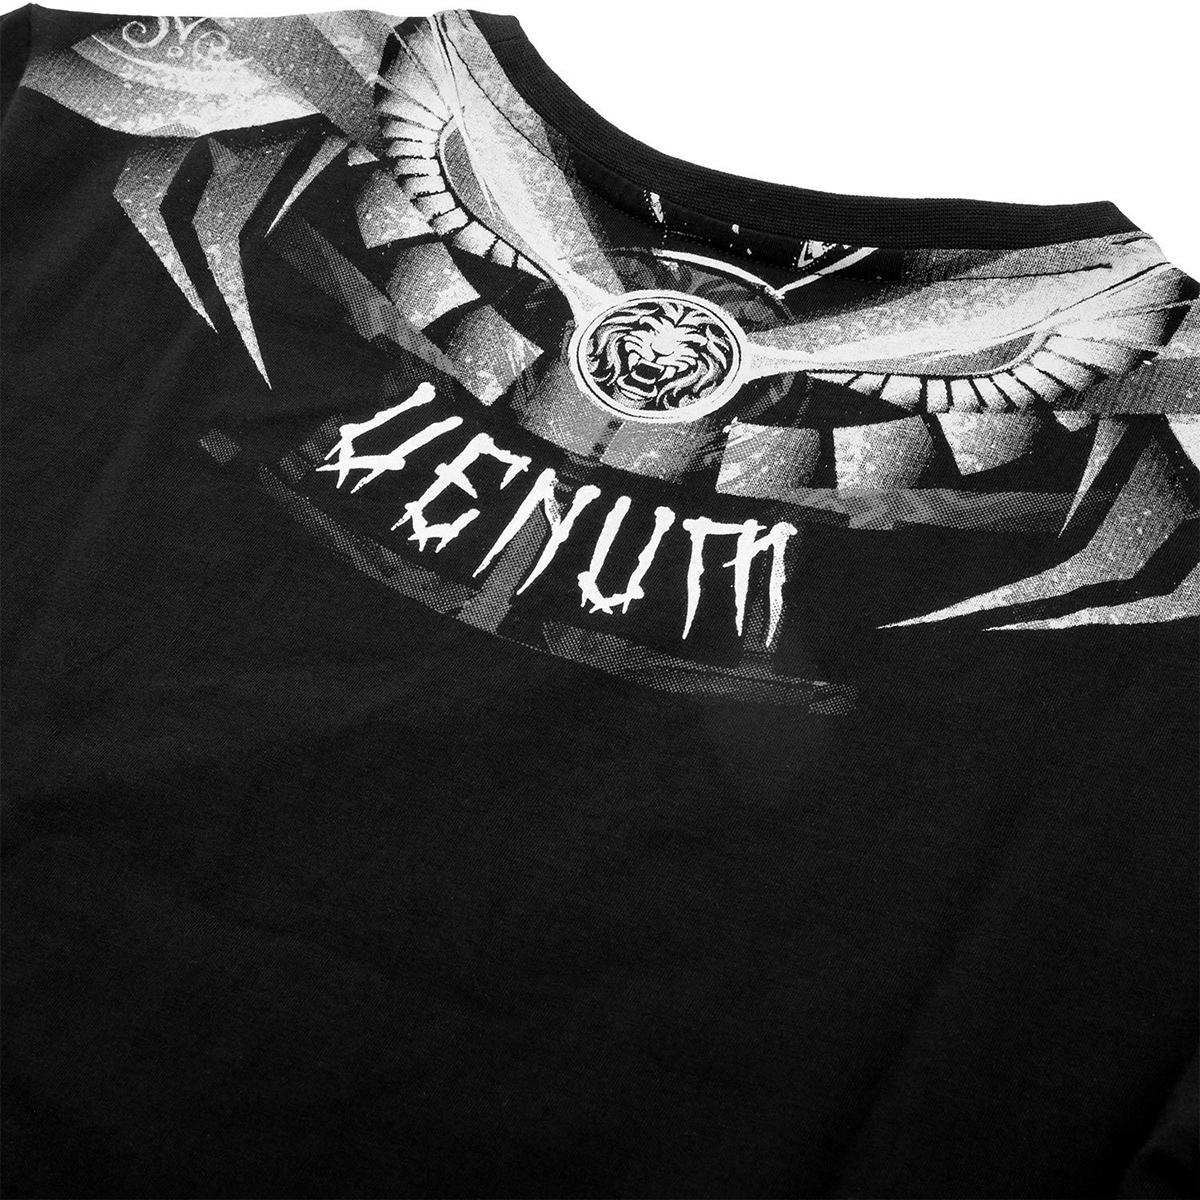 Unisex ni/ños Venum Gladiator Camiseta